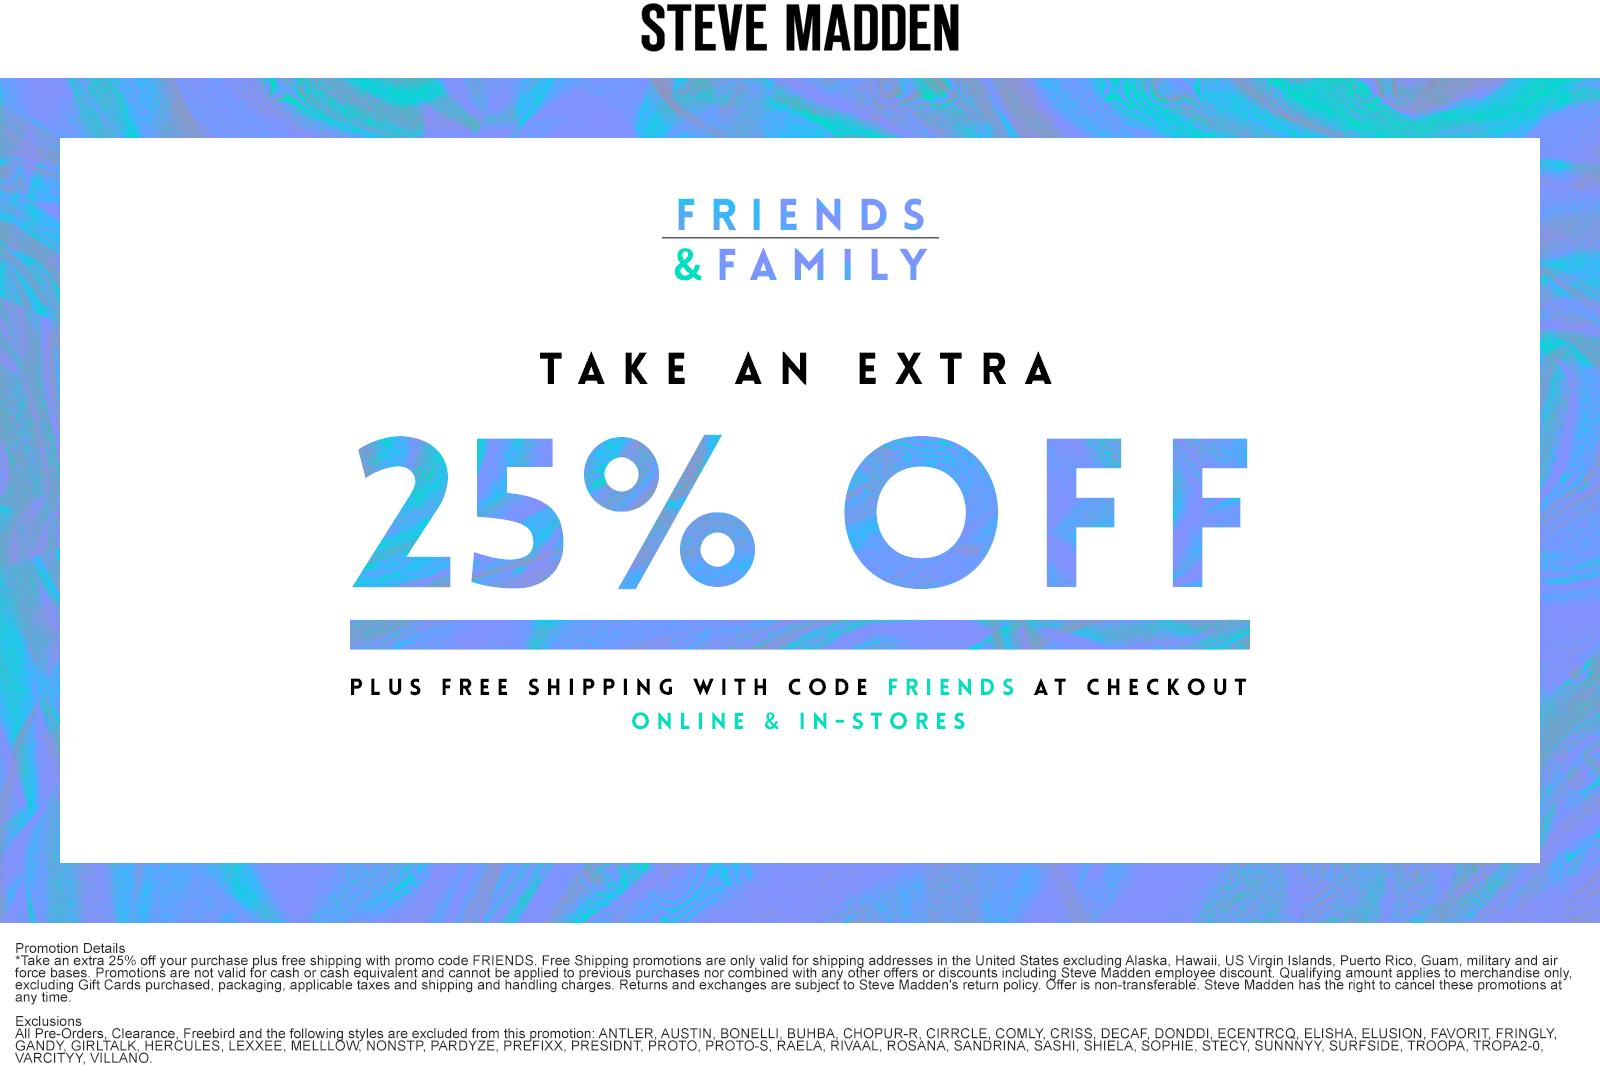 free ship via promo code FRIENDS